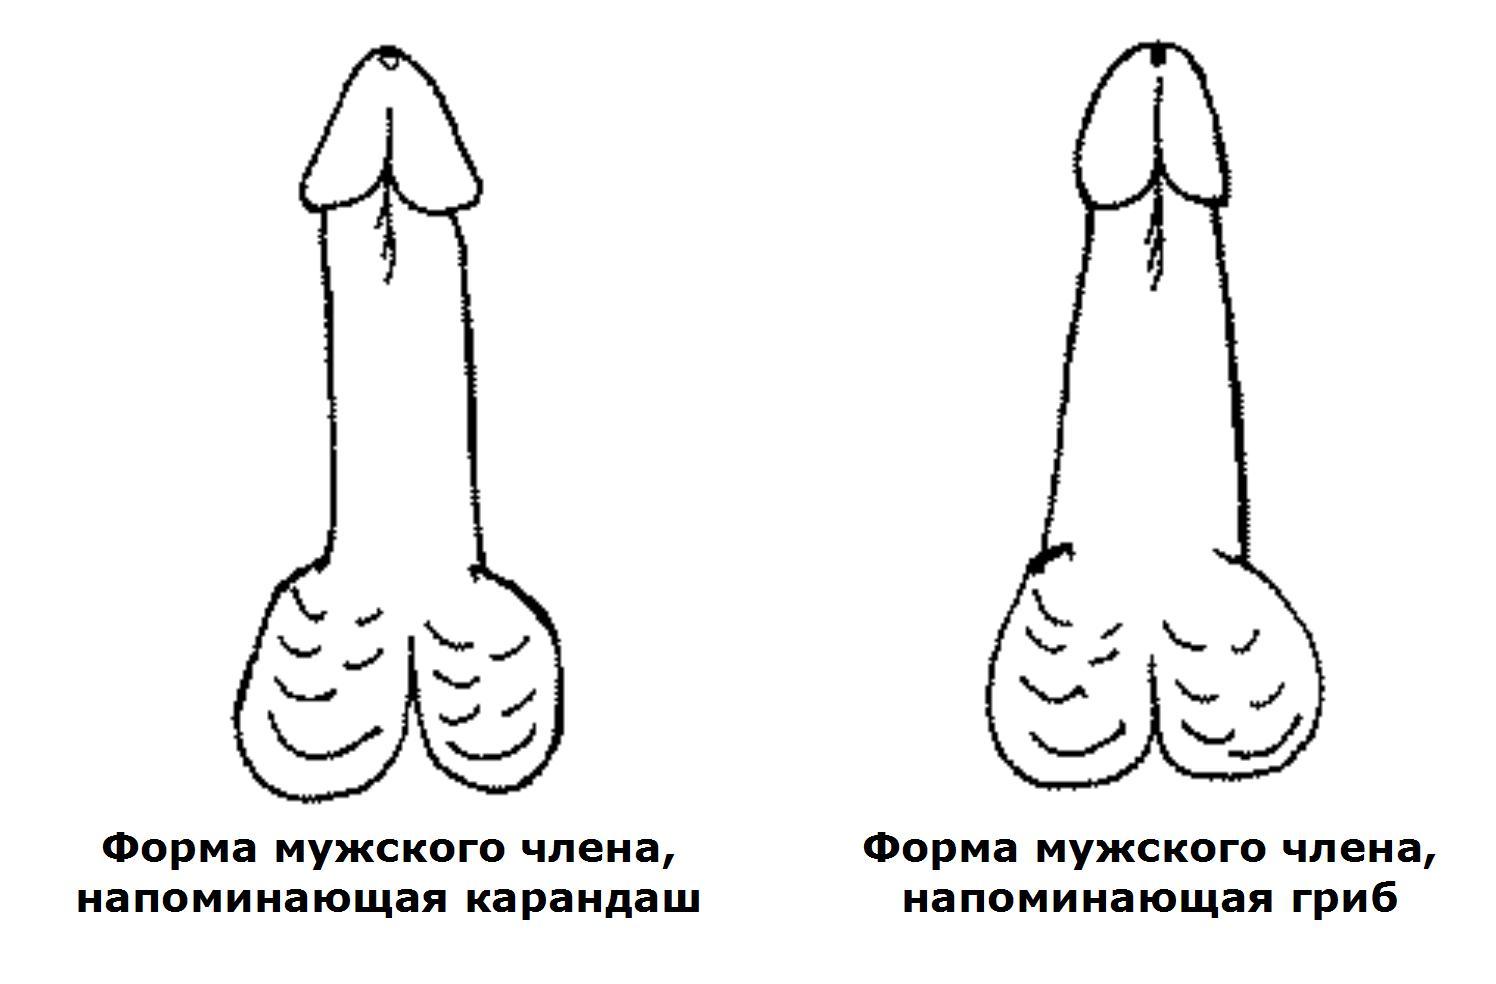 uvelichenie-tolshini-chlena